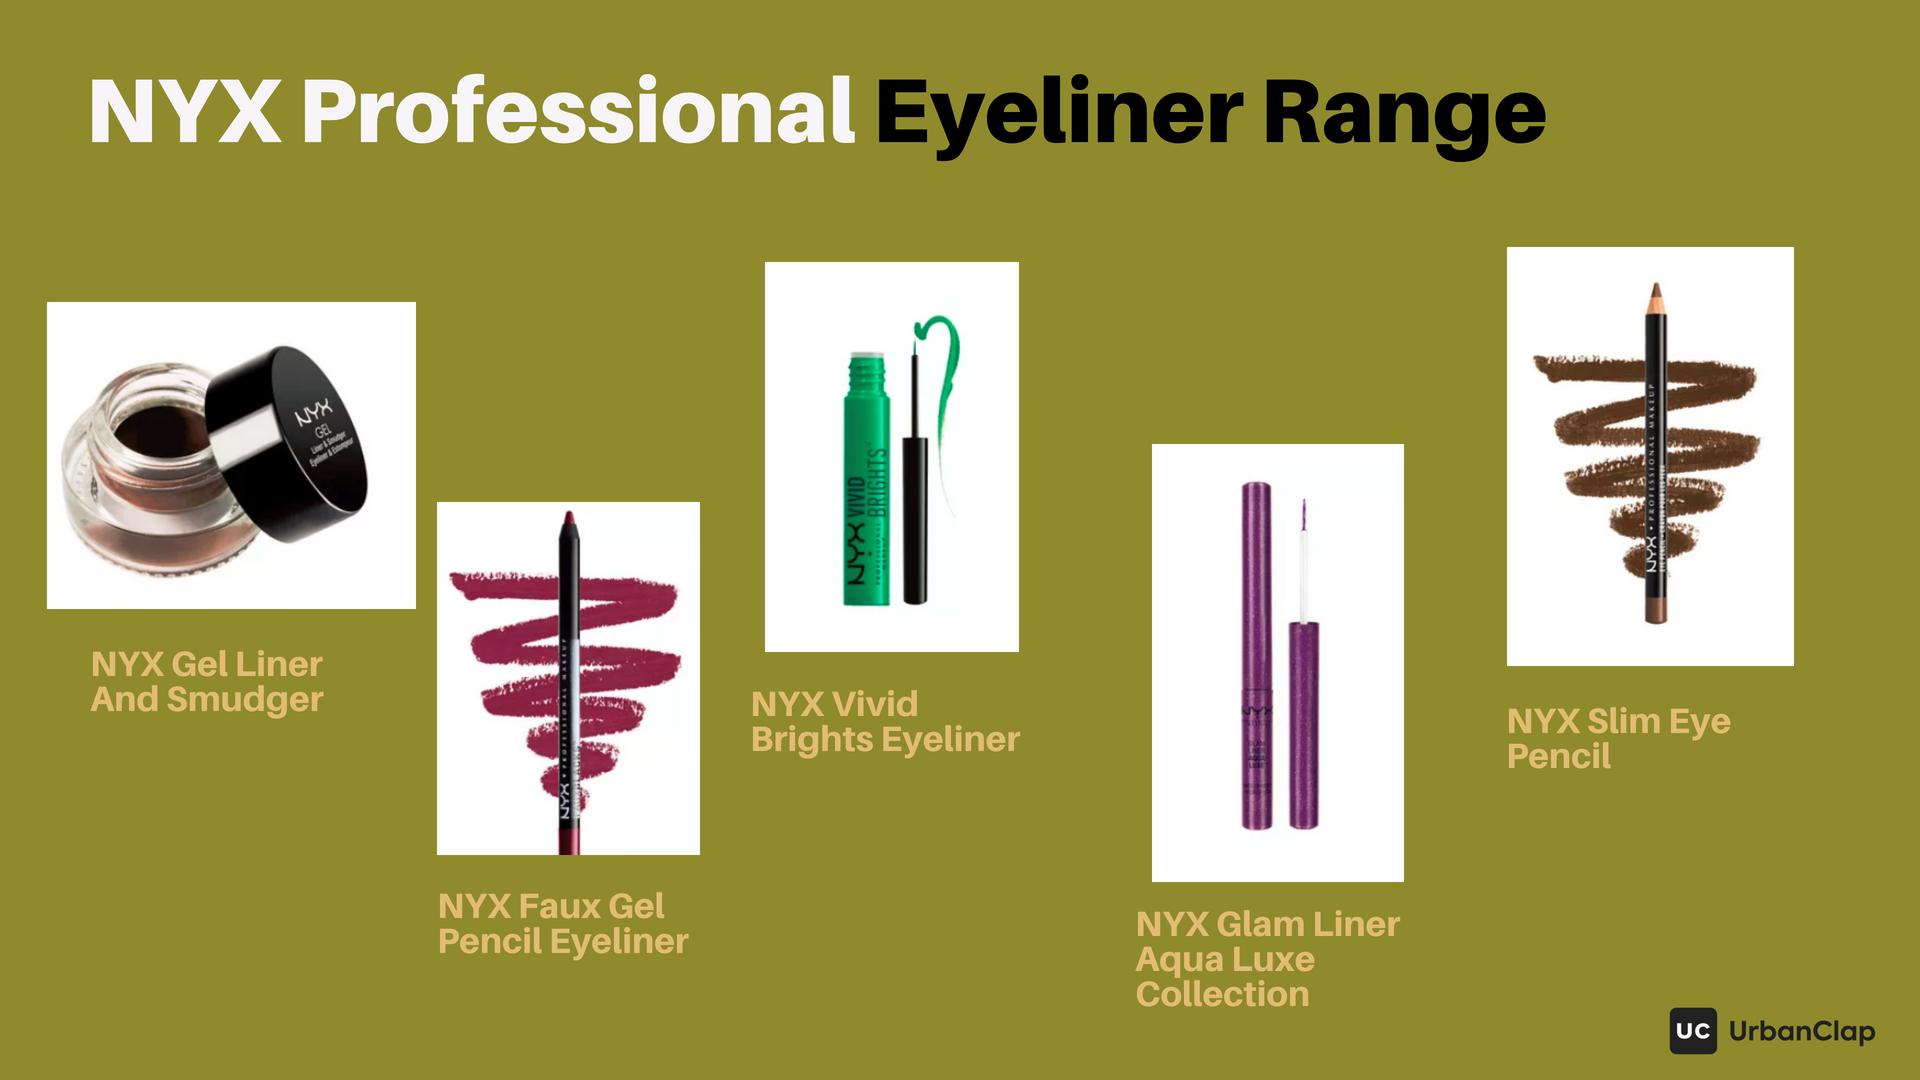 NYX Eyeliner Range - gel eyeliner, pencil eyeliner and liquid eyeliner pens